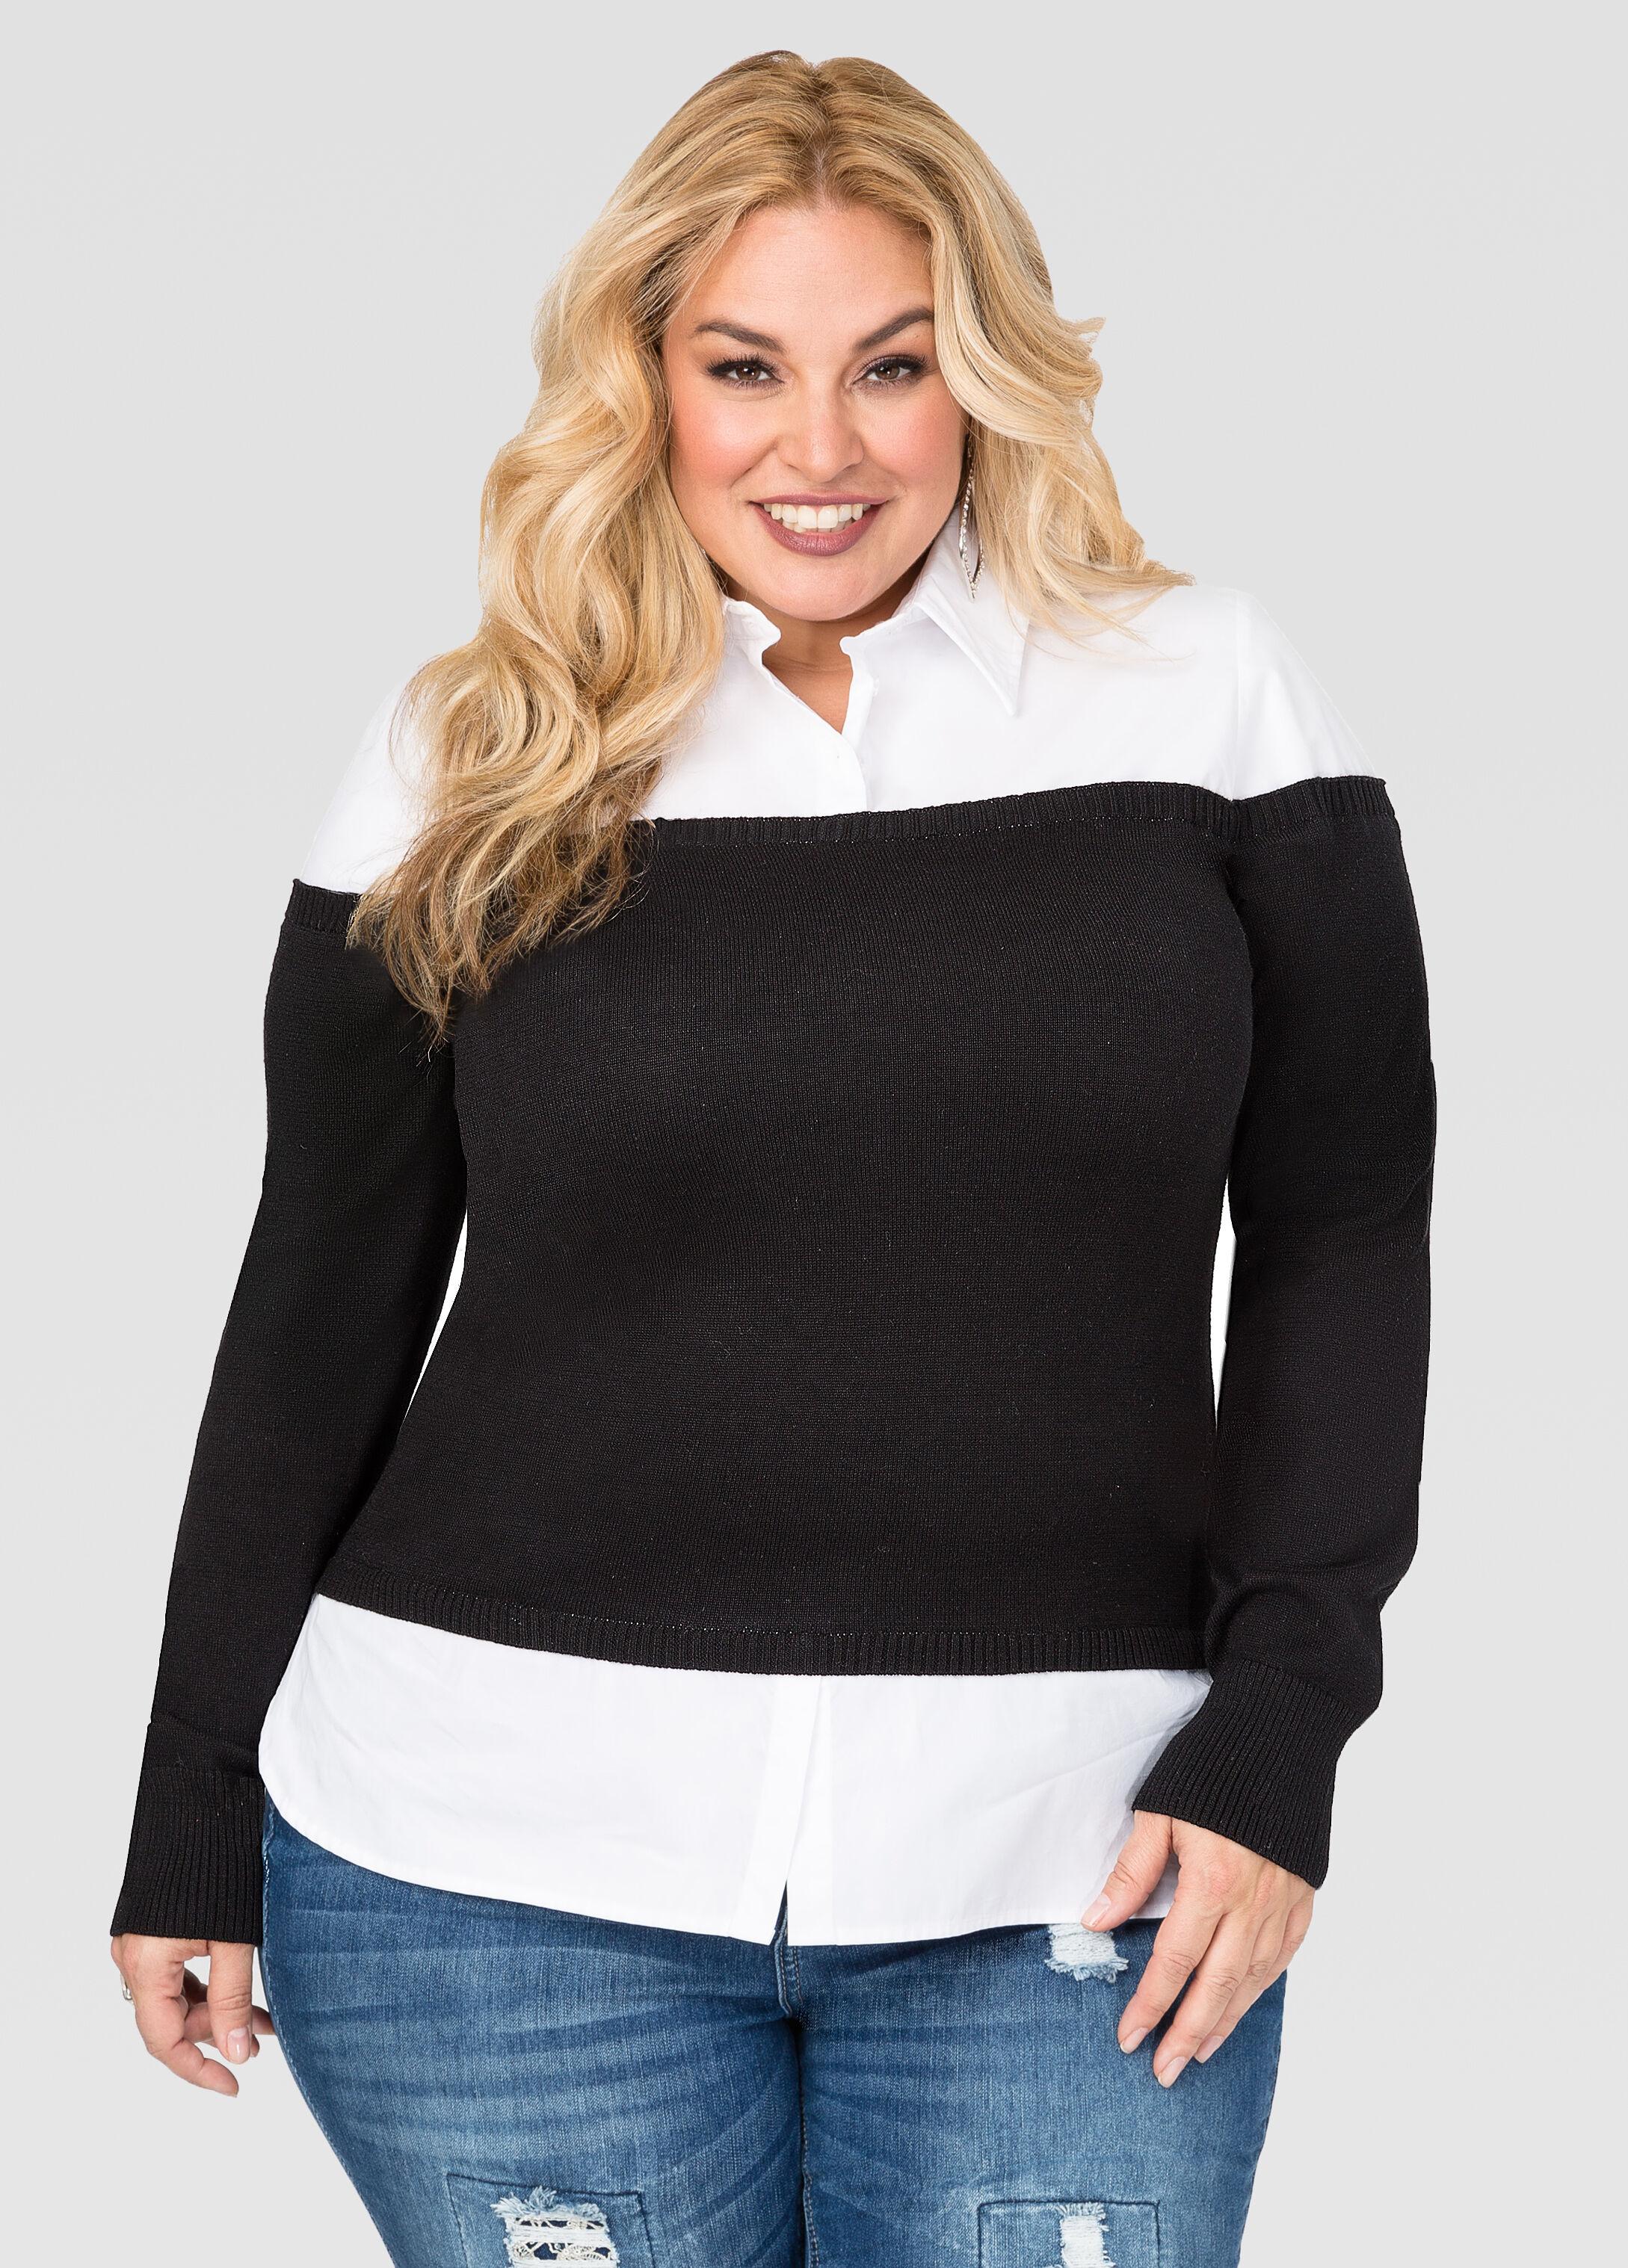 Off-Shoulder Sweater Shirt